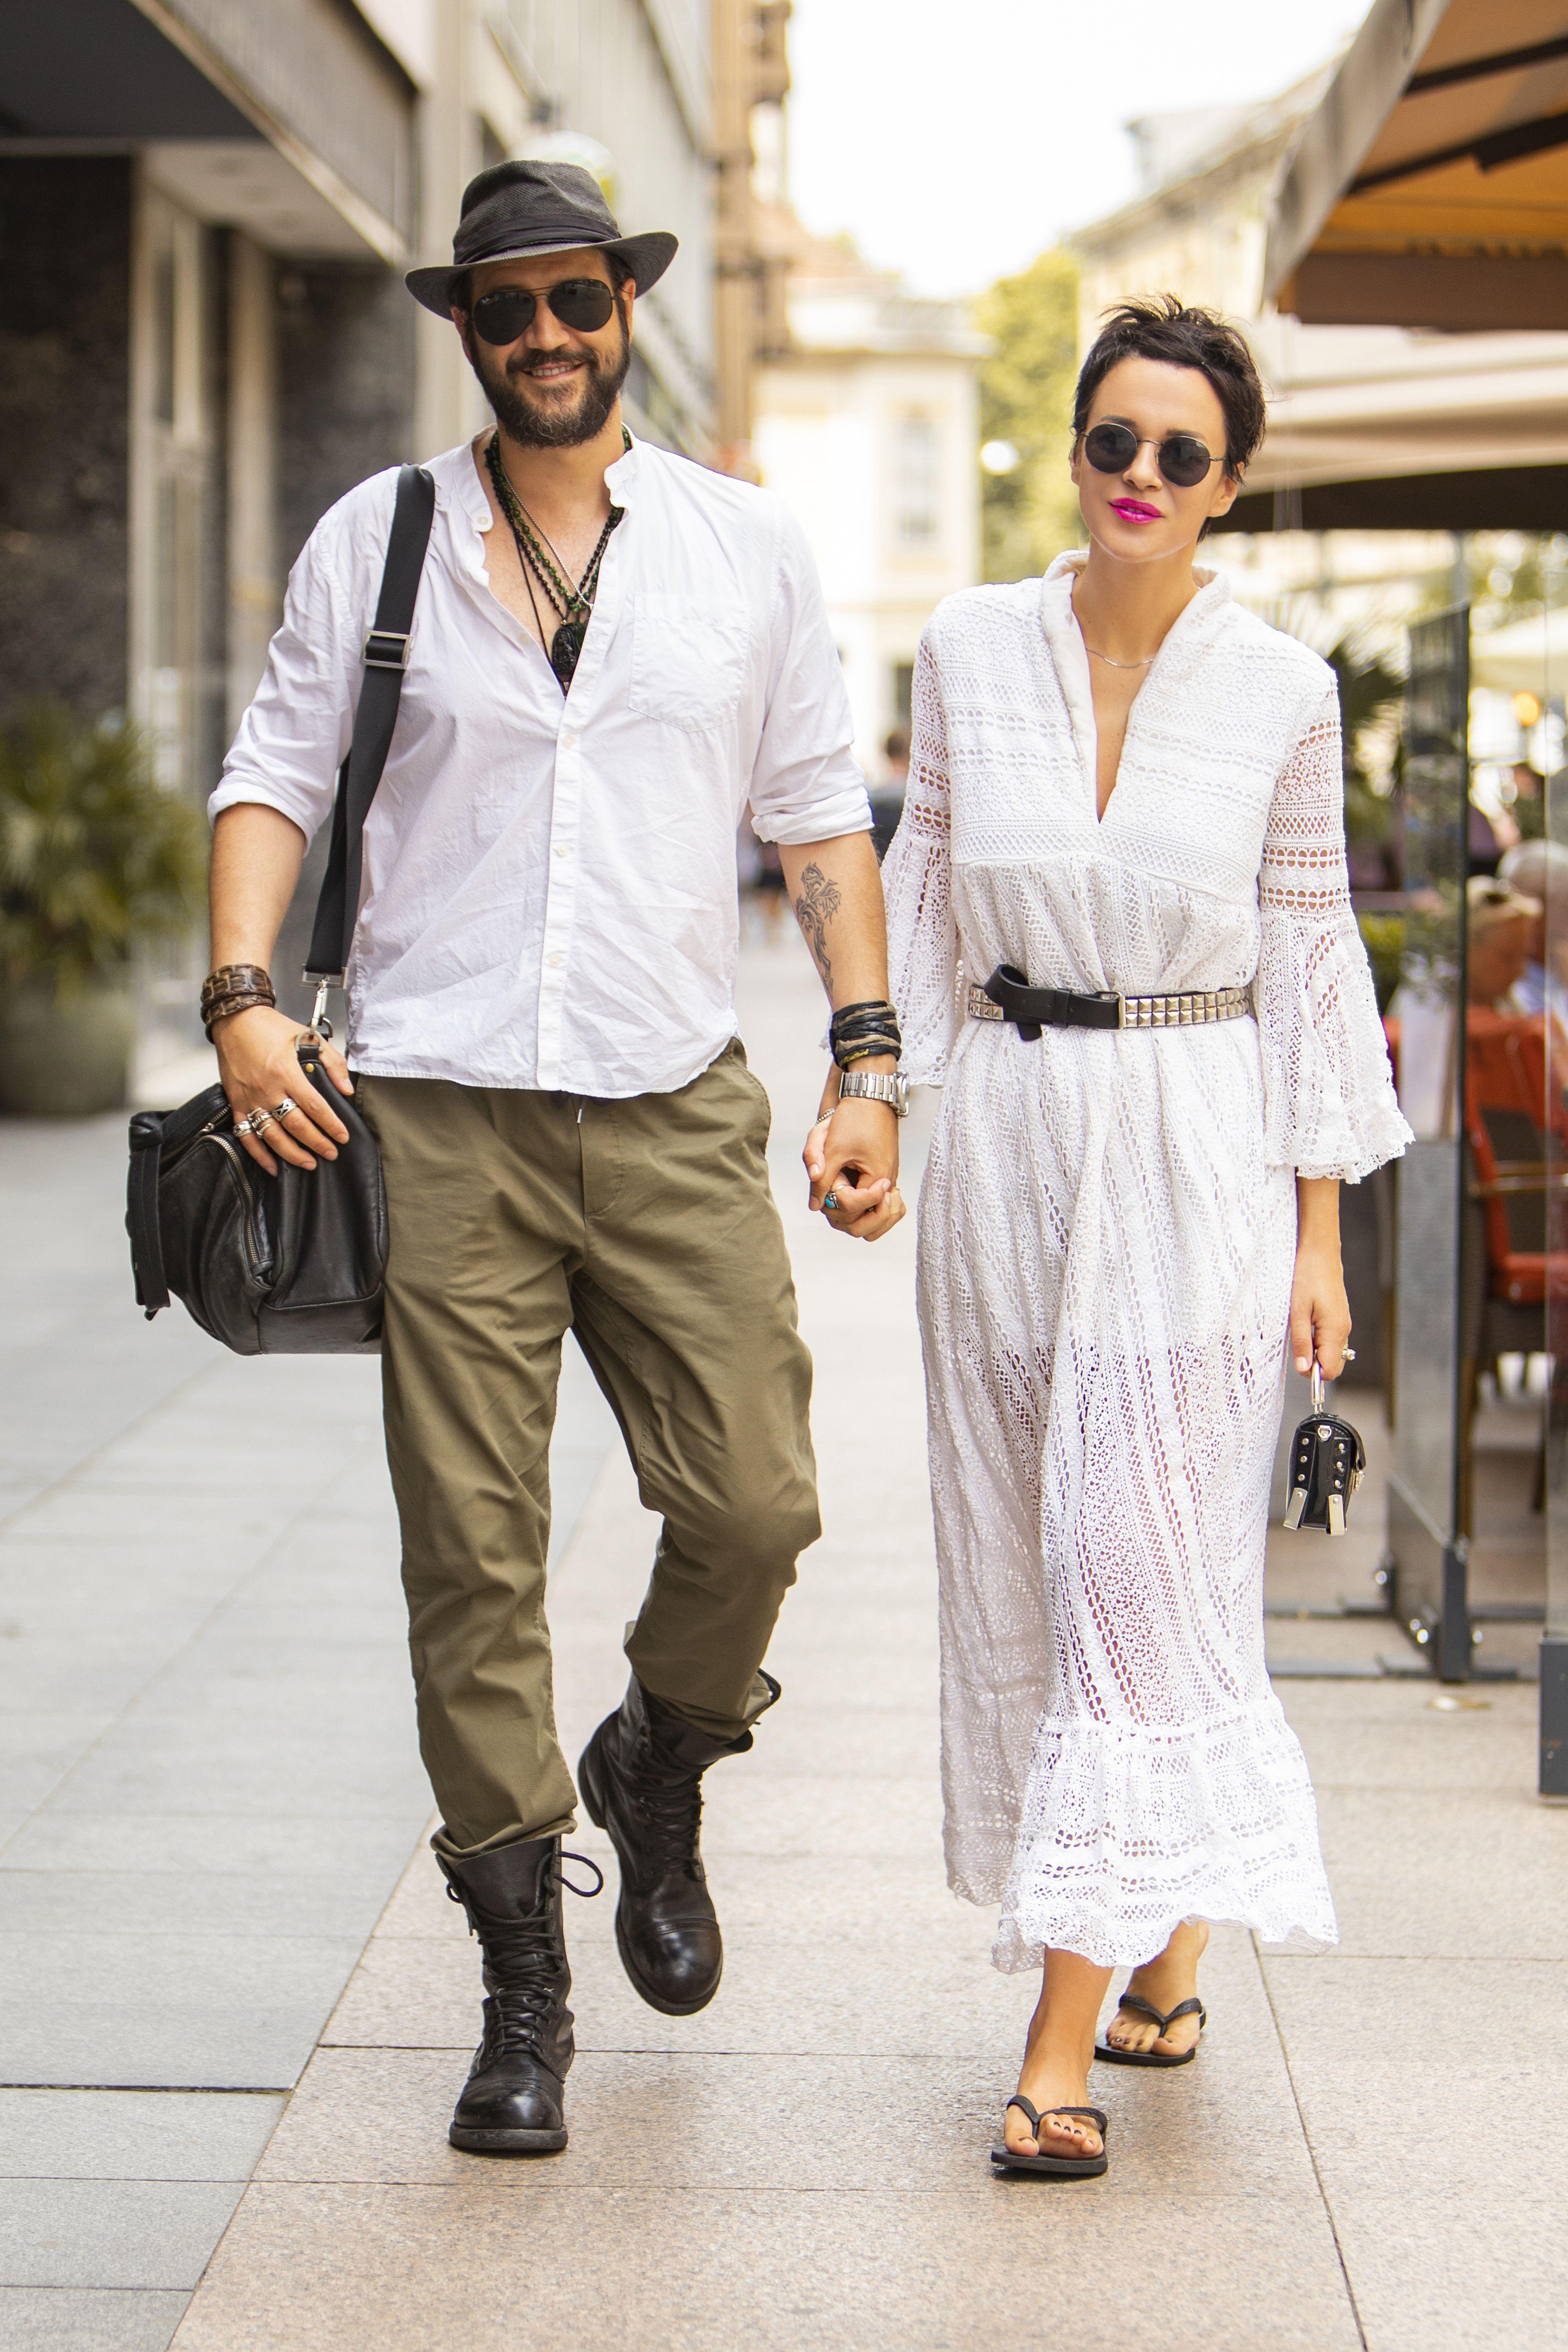 Odlični! Glumački par Ivana Horvat i Stefan Kapičić pravi su stilski #couplegoals